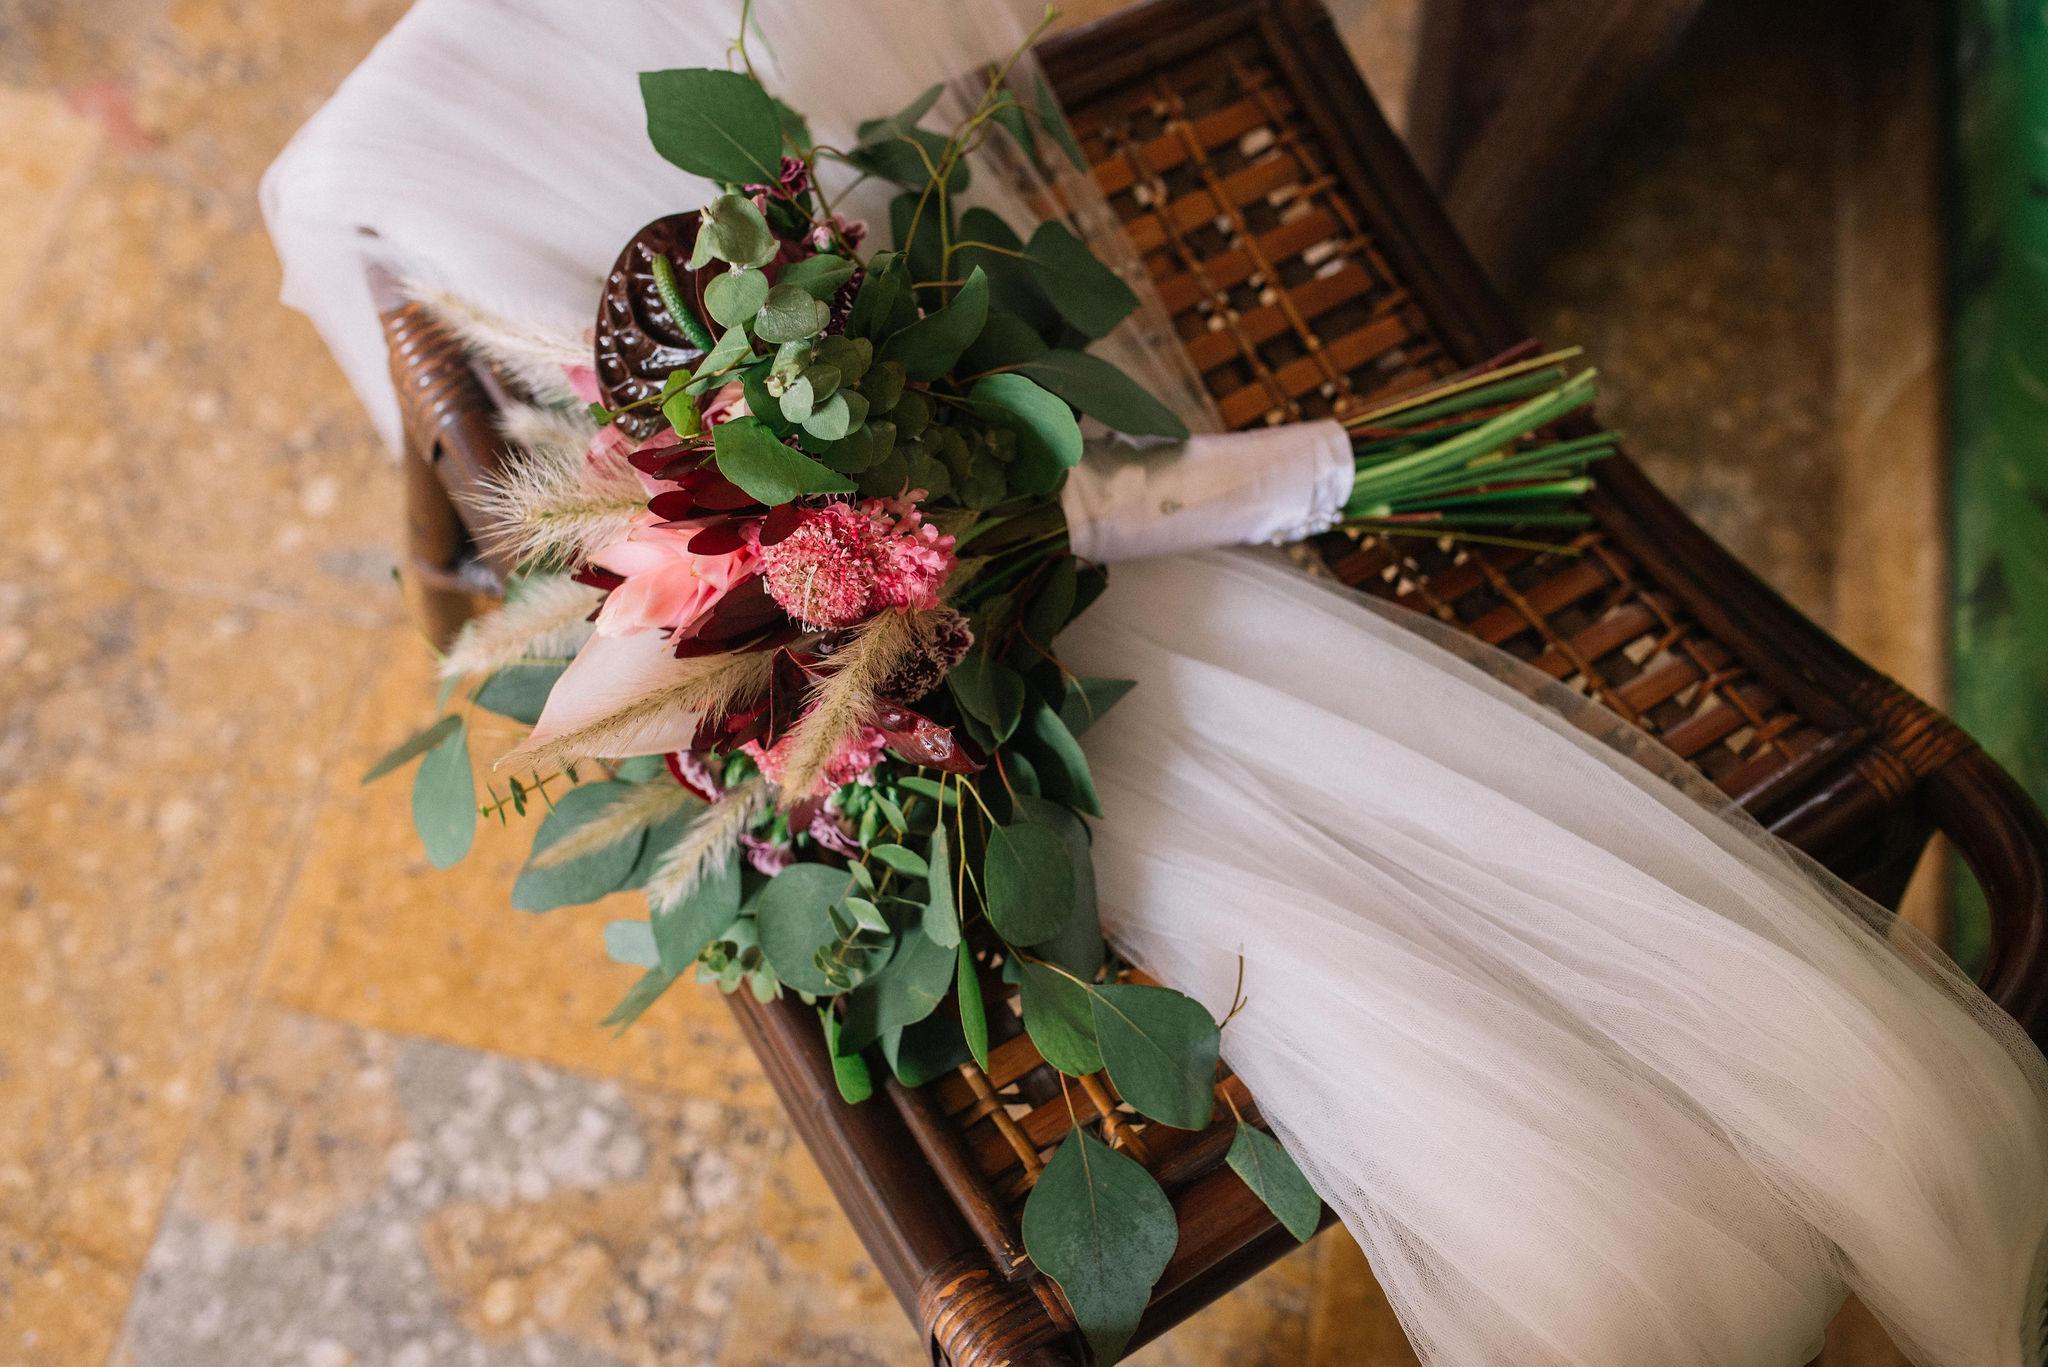 juliethbravo-bouquet-weddingplanner-bogota-colombia-destino-villavicencio-hotelcampanario-matrimonio-yugo.jpg